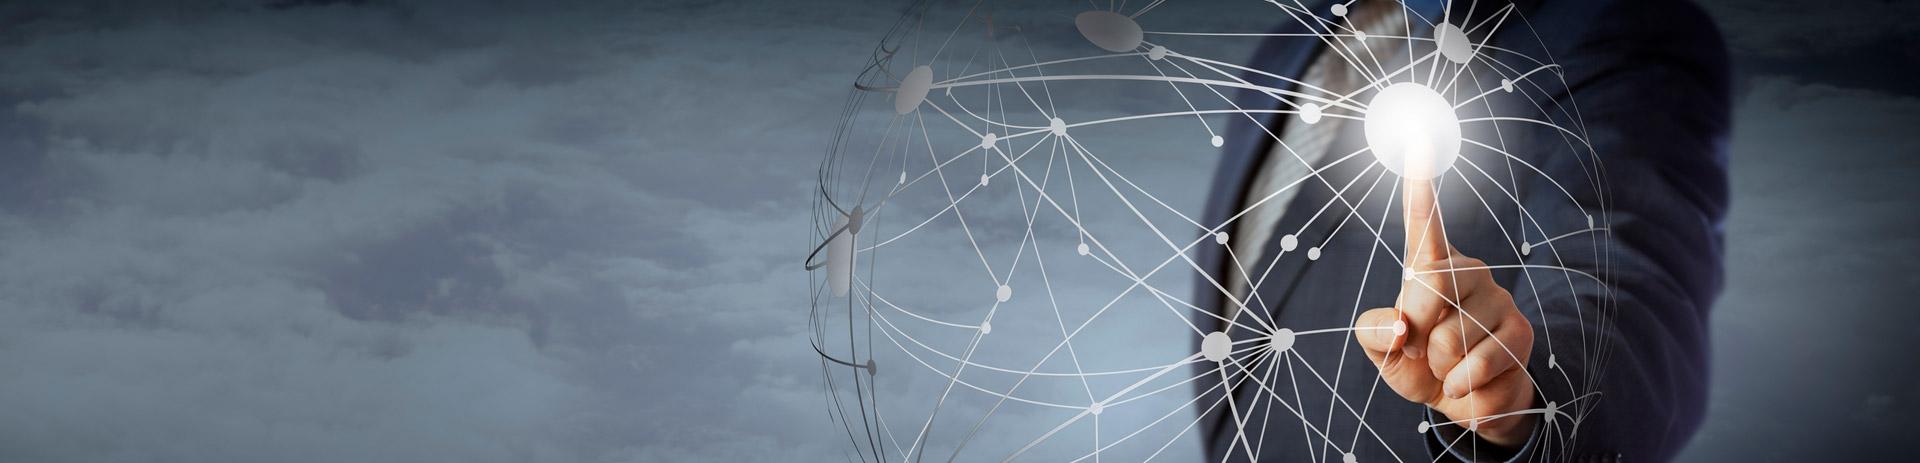 Mann bedient virtuelle Cloud-Computing Oberfläche